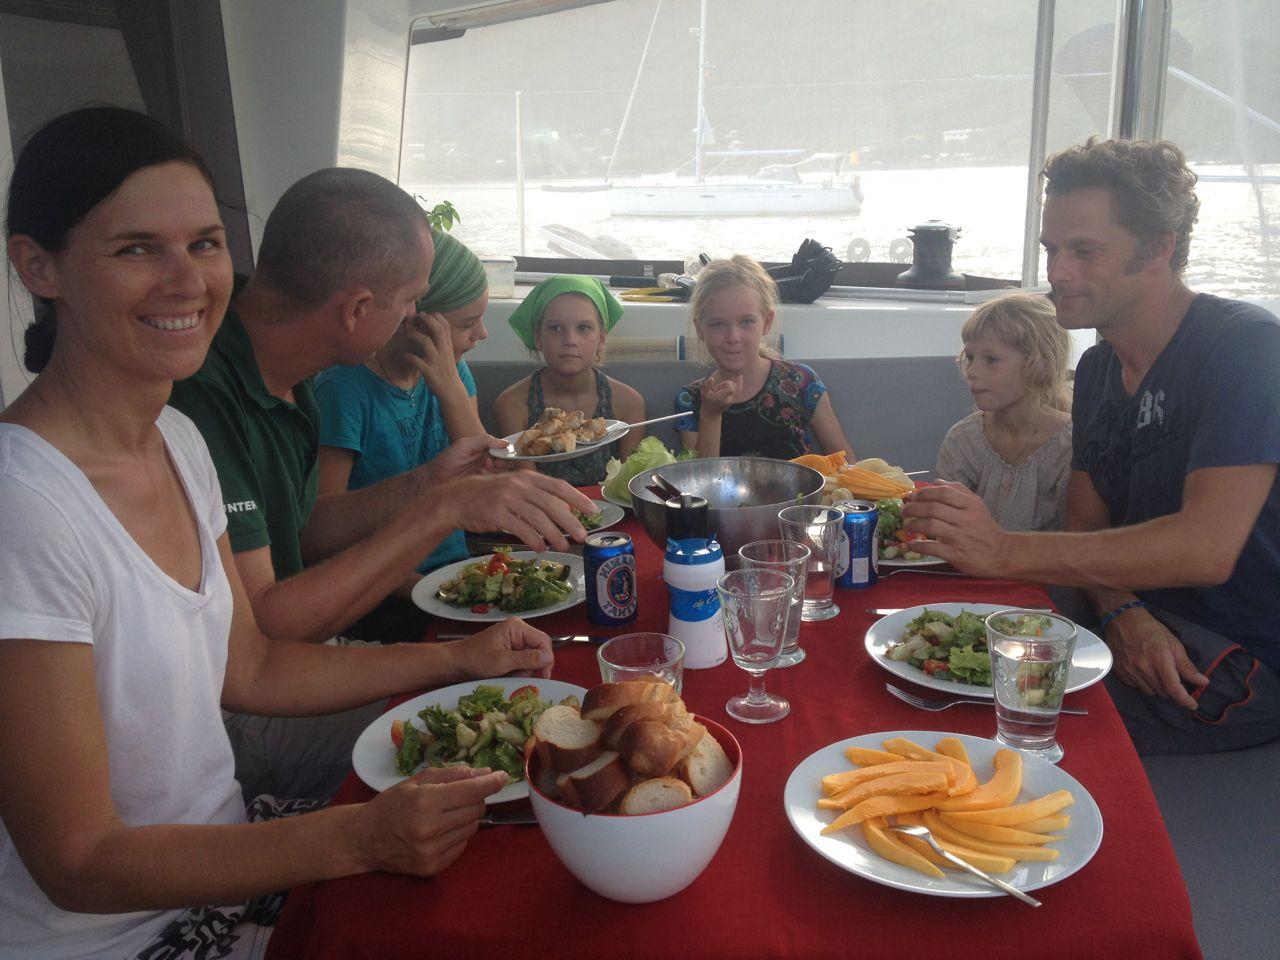 Lecker Salat essen mit der Crew der Alytes